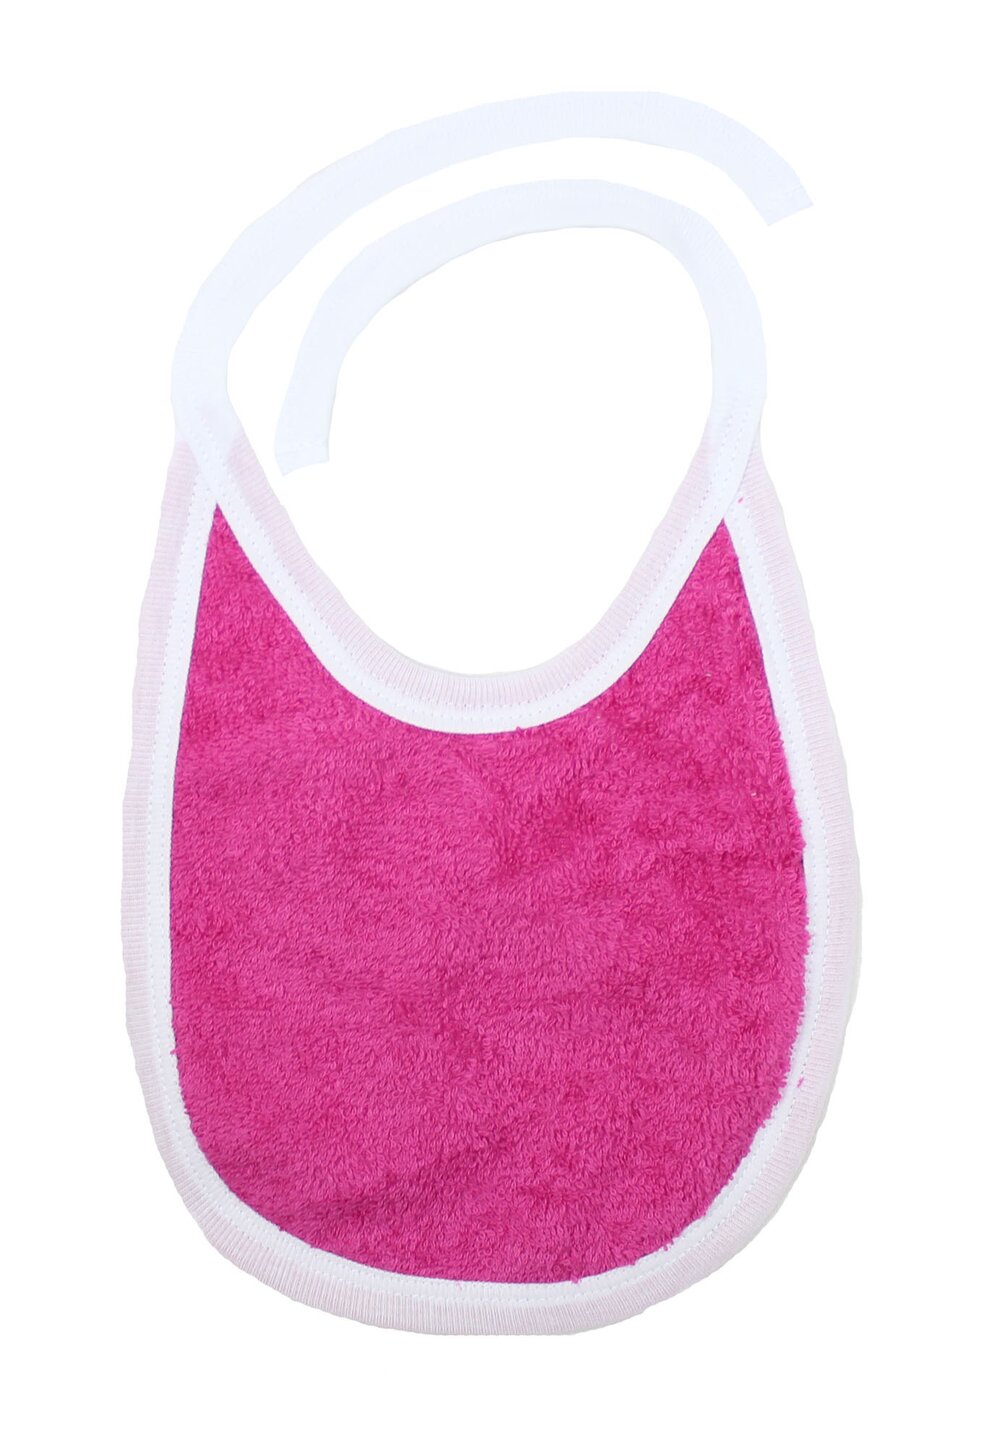 Baveta 2 fete, roz inchis, 0-6 luni imagine